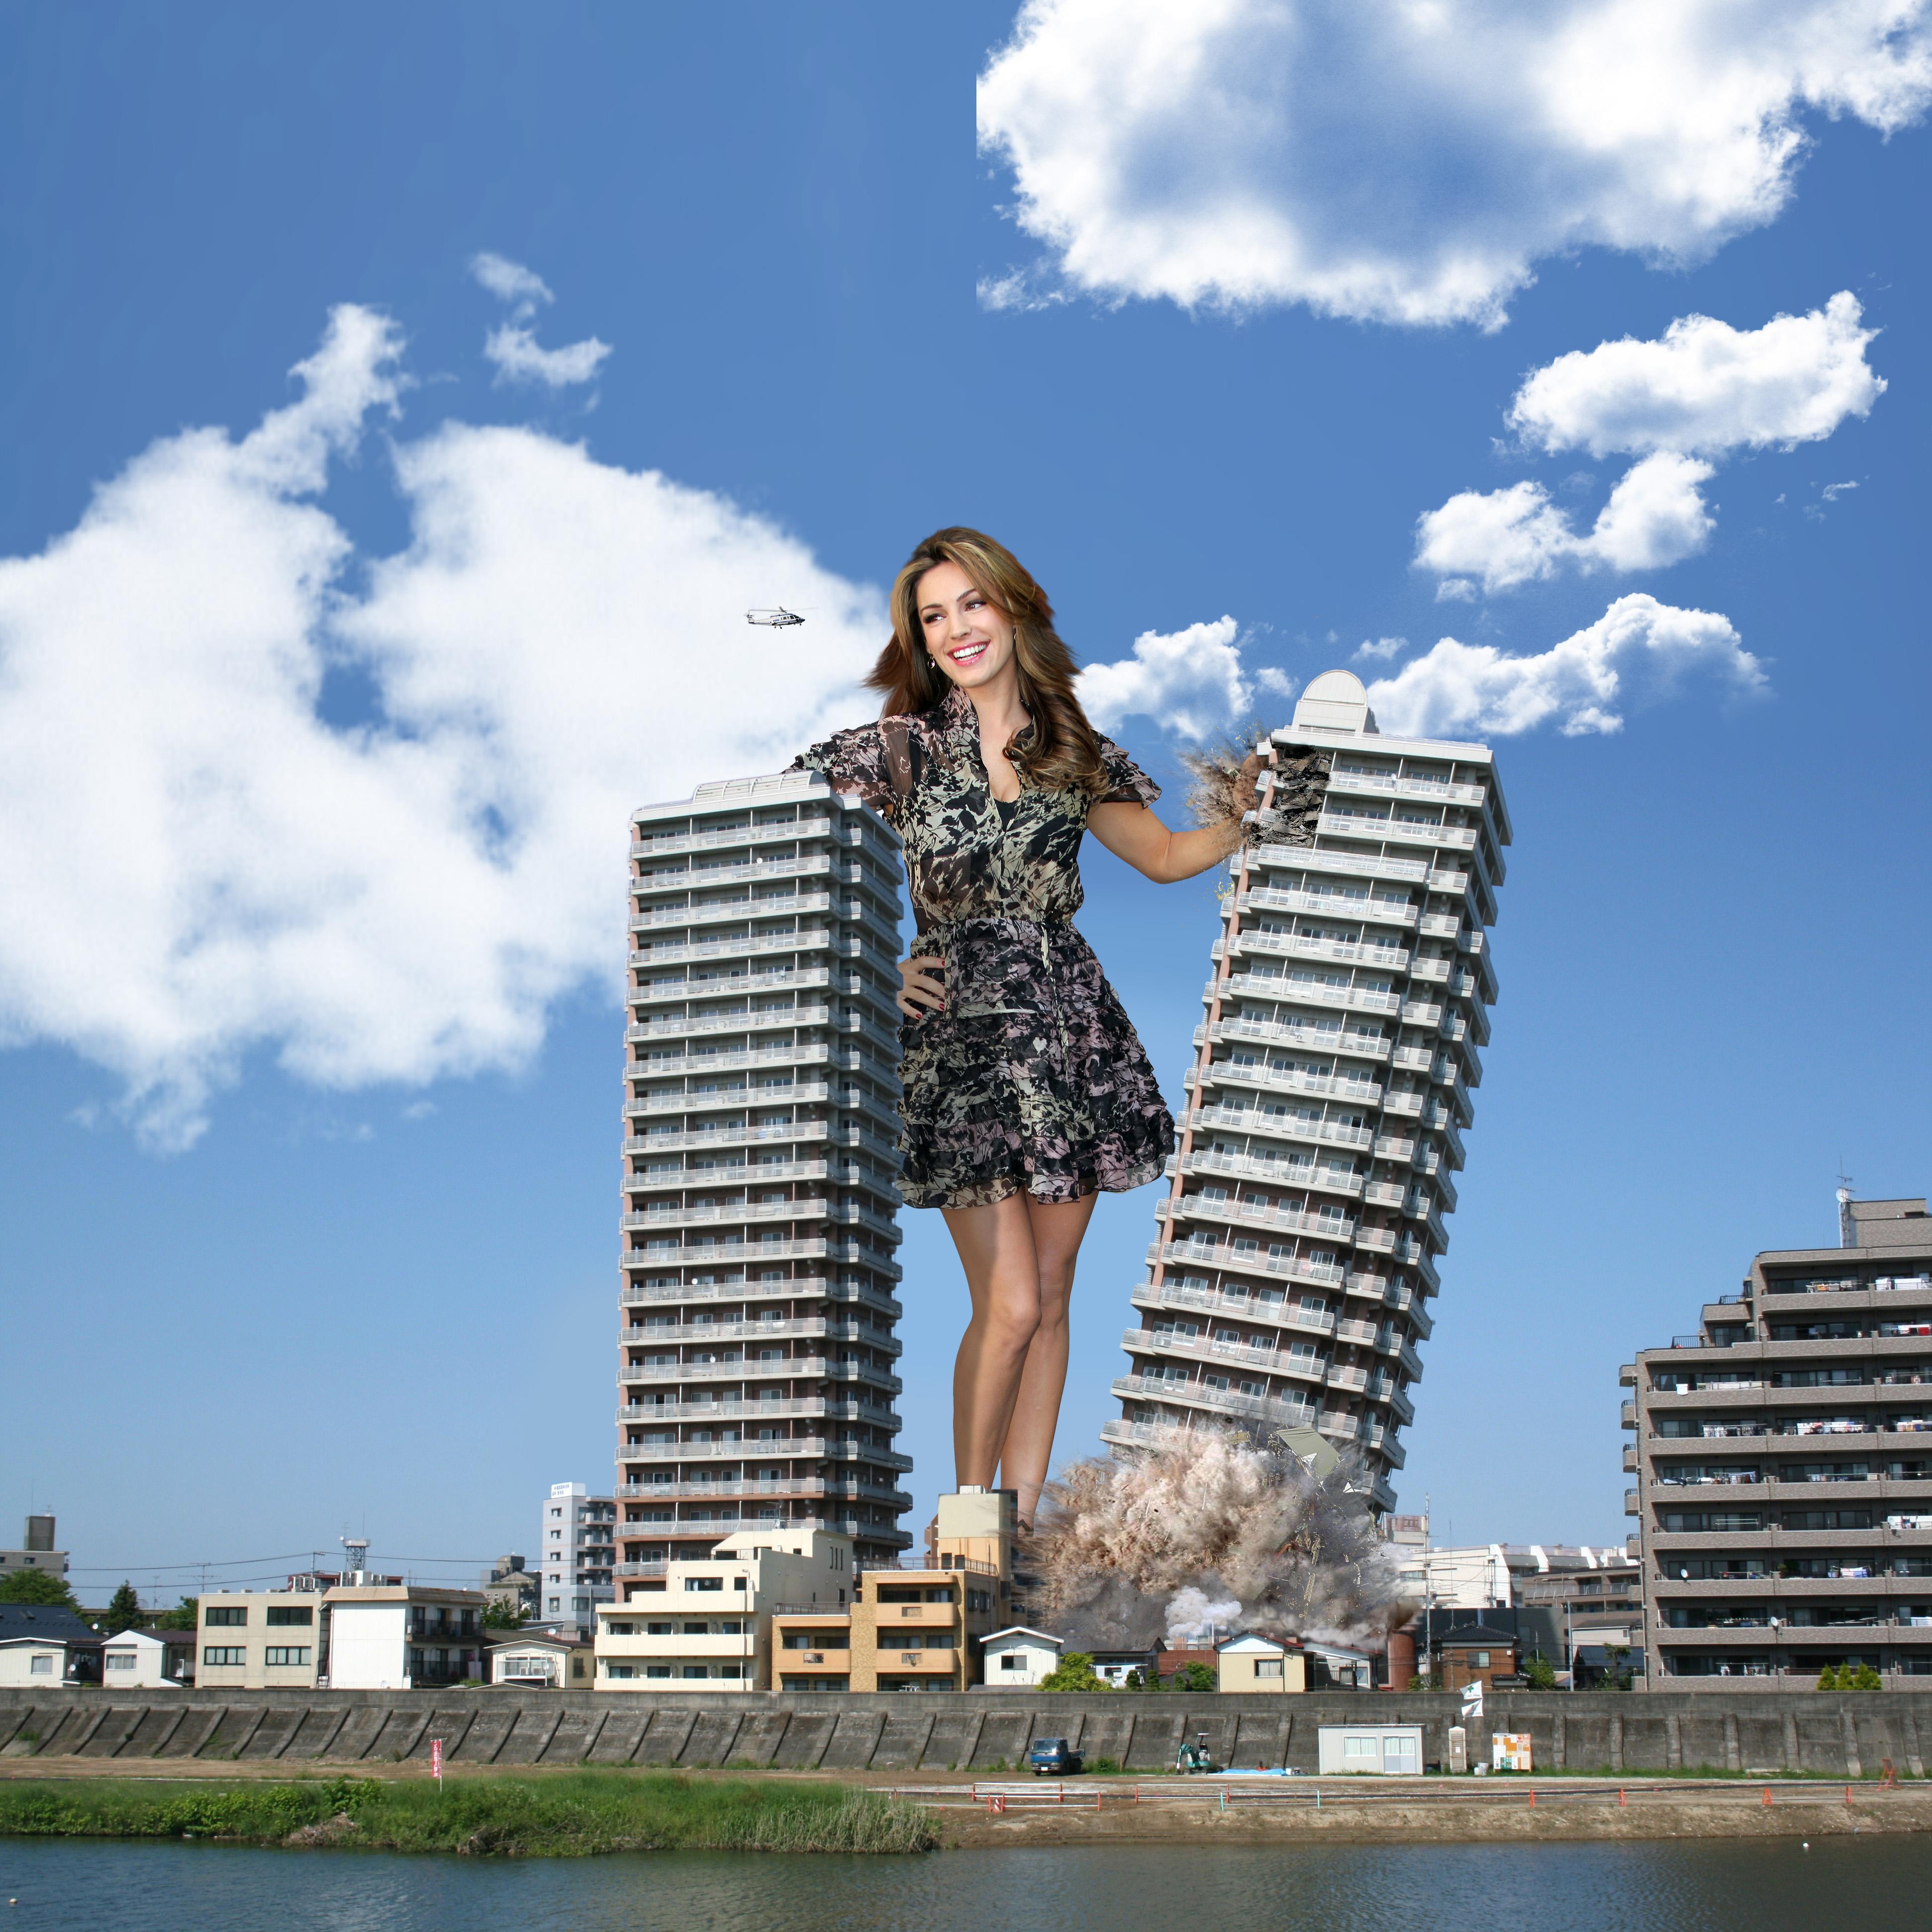 158642 - brunette buildings collage destruction dress giantess helicopter kelly_brook sky smile wonderslug